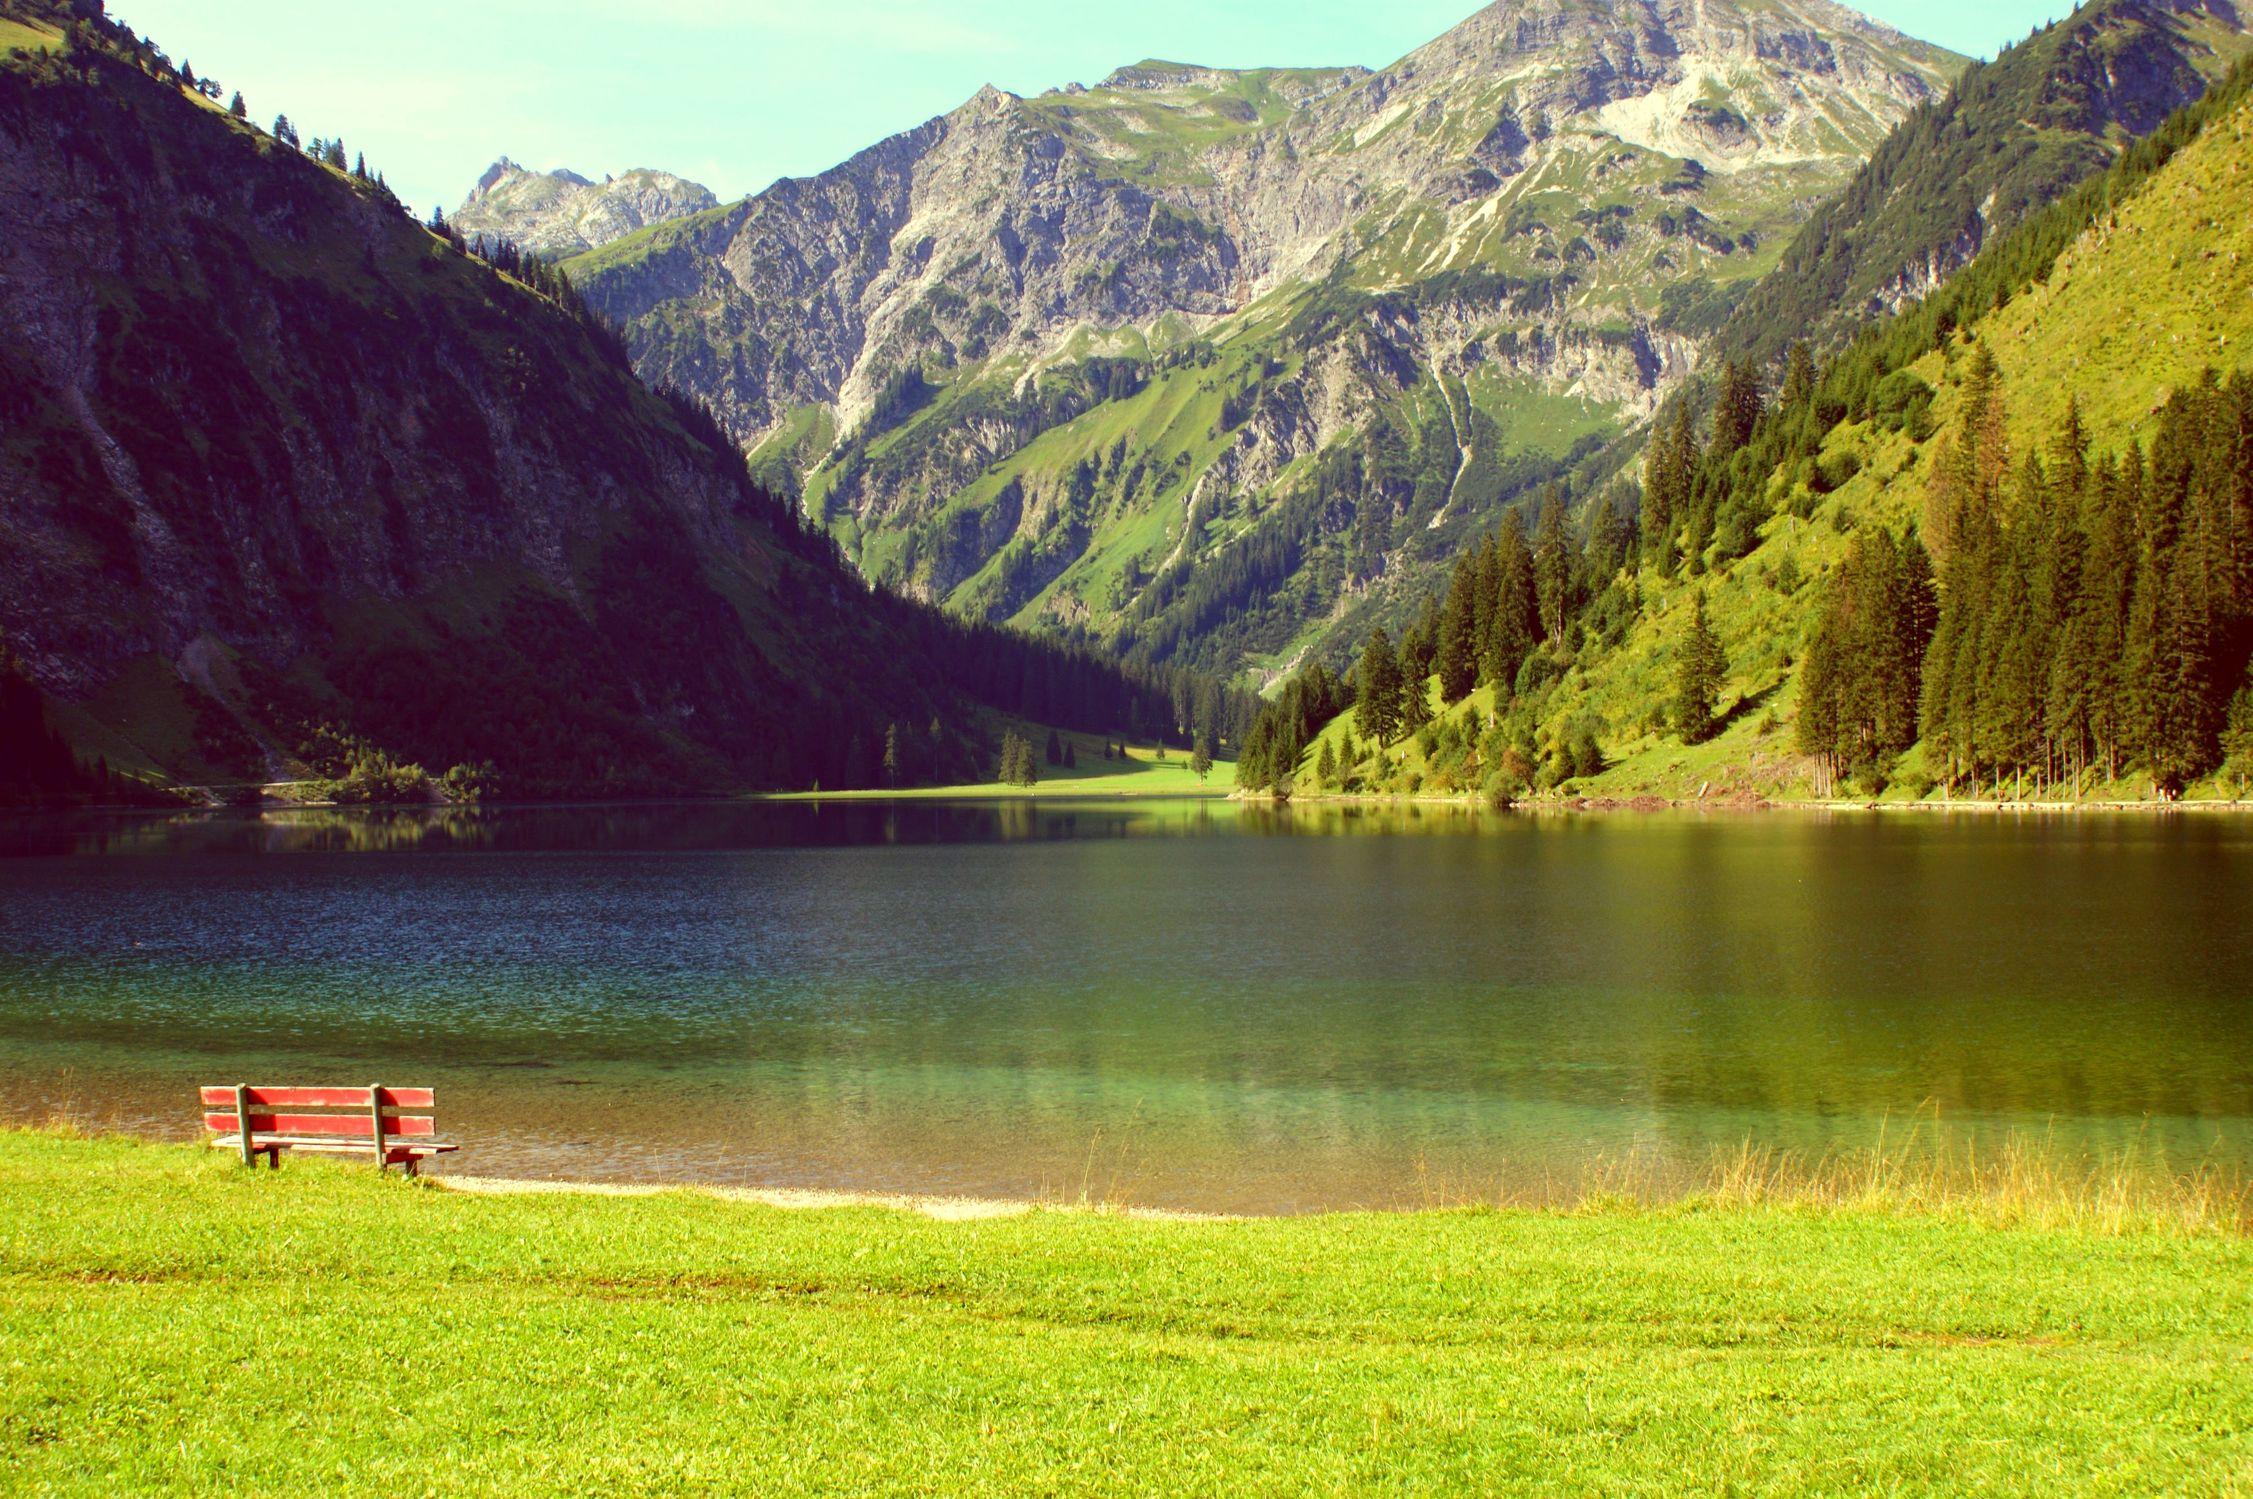 Bild mit Landschaften, Berge, Seen, Landschaft, Bergsee, Ruhe am See, berg, Gebirge